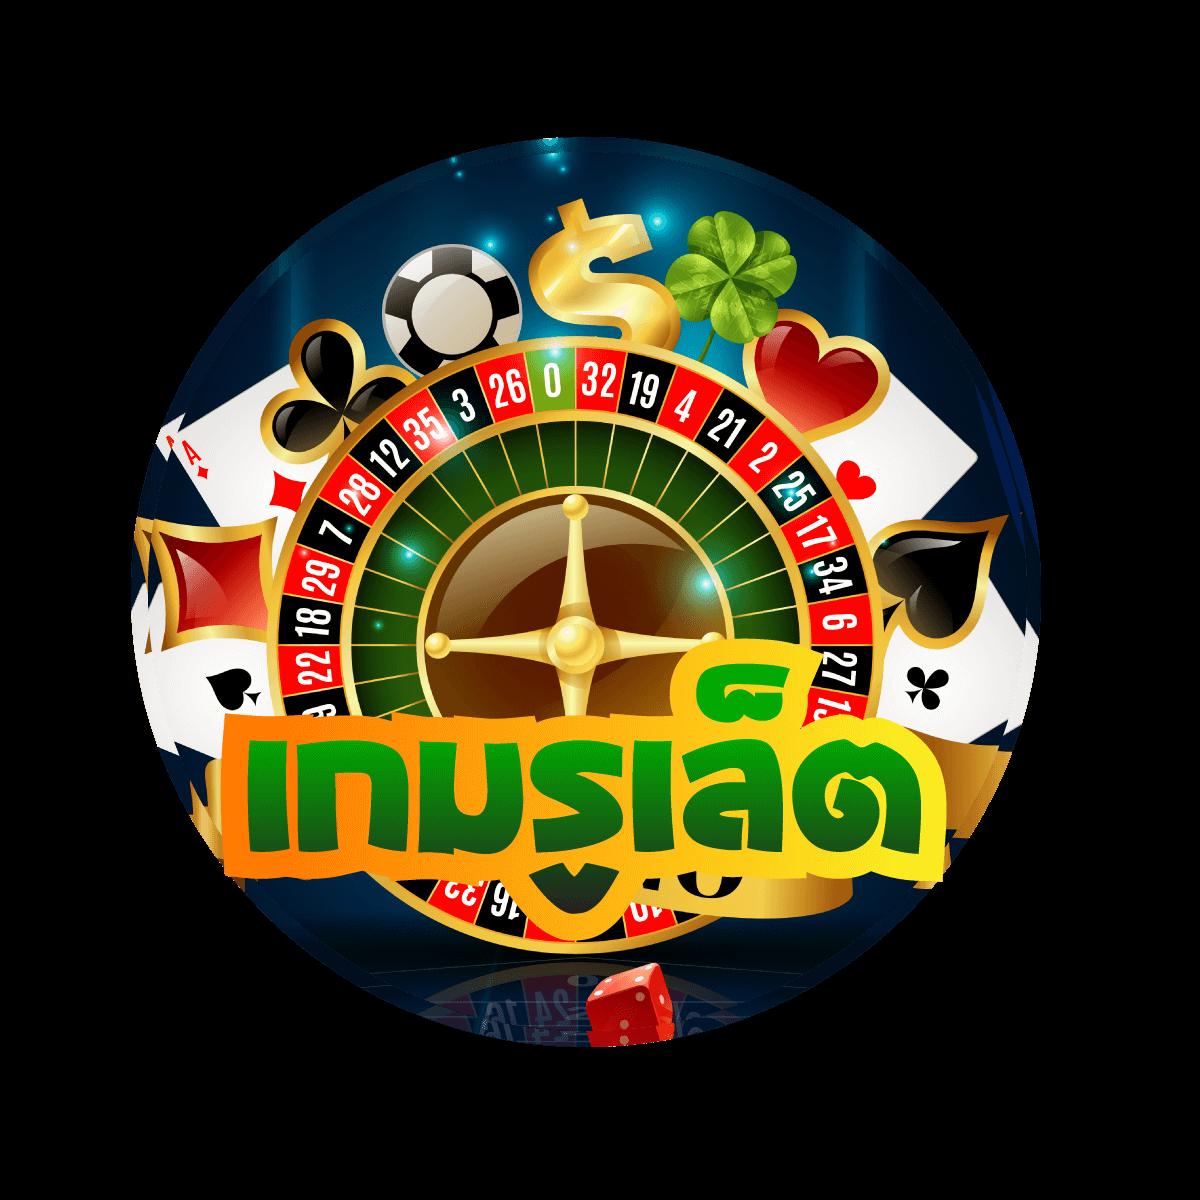 เกมออนไลน์,คาสิโนออนไลน์,แทงบอลออนไลน์,แทงหวยออนไลน์,สล็อต,slot,gameonline,ufagame24,casino,เกมยิงปลา, เว็บพนันออนไลน์, เว็บคาสิโนออนไลน์, คาสิโน, คาสิโนออนไลน์, สมัครแทงบอ,ล พนันออนไลน์, พนันบอลออนไลน์, พนันบอล, ดูบอลออนไลน์, บอลออนไลน์, แทงบอล